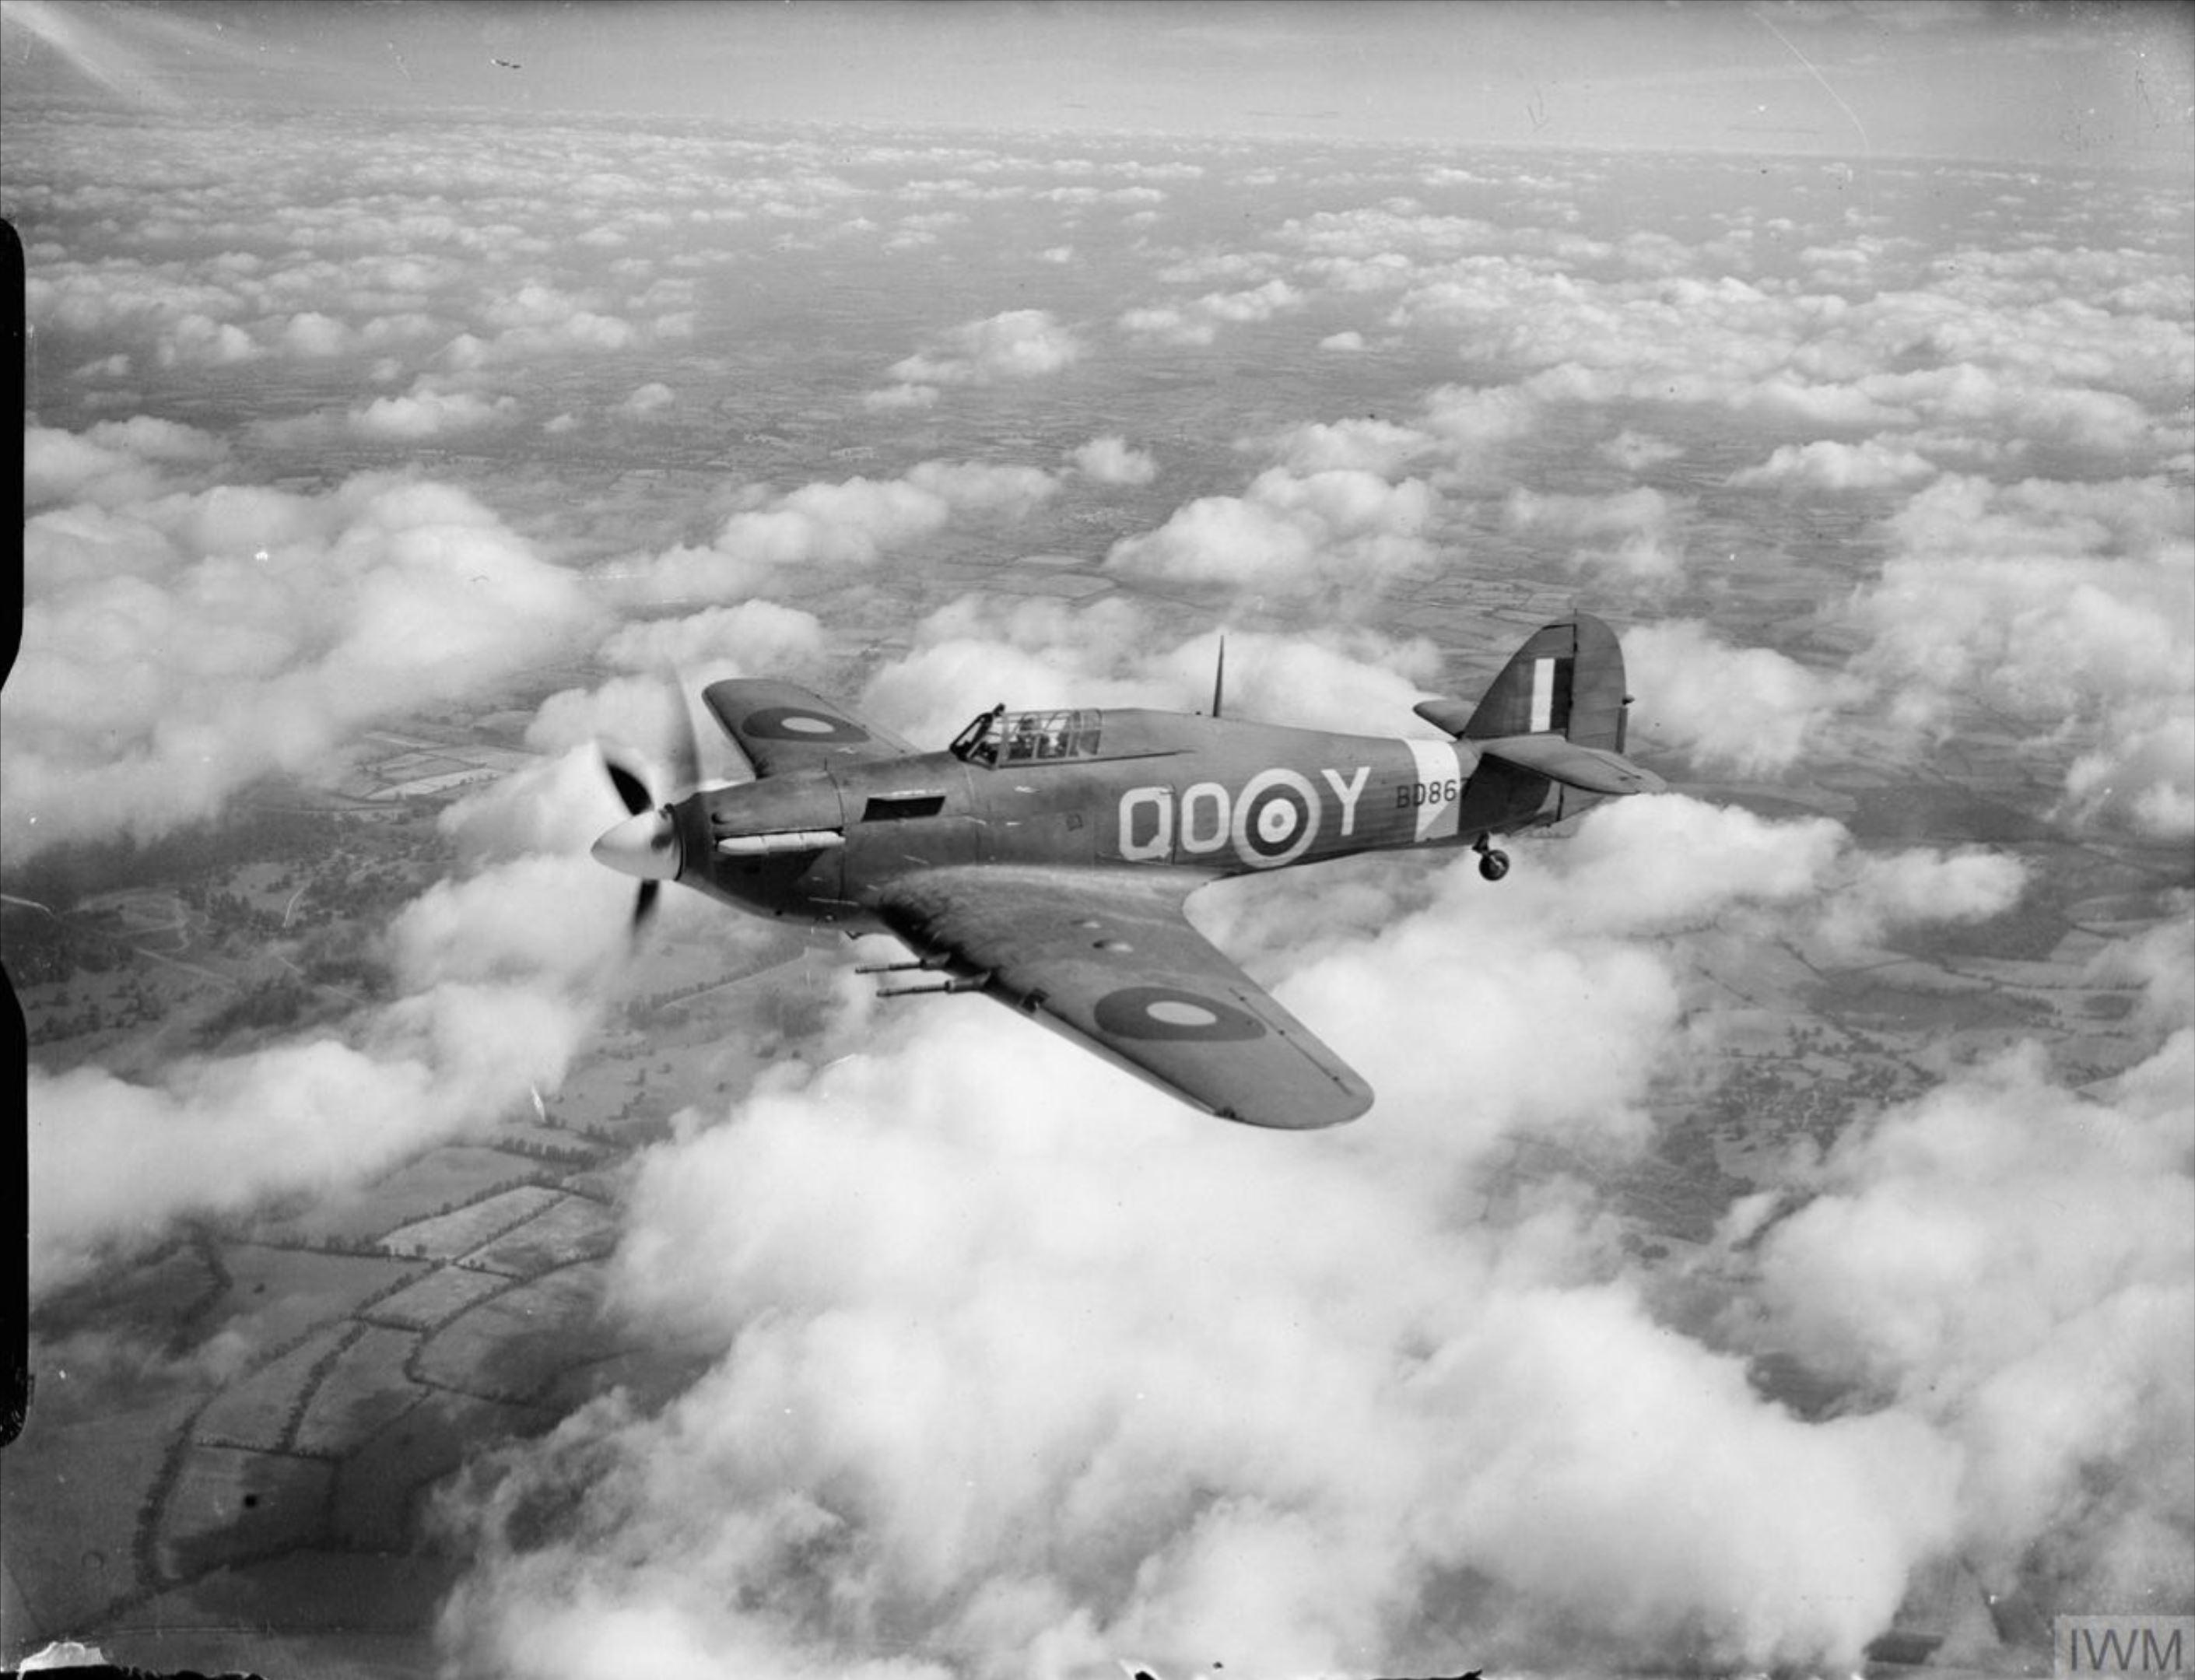 Hawker Hurricane IIc RAF 3Sqn QOY BD867 based at RAF Hundson Hertfordshire 1941 IWM CH3507